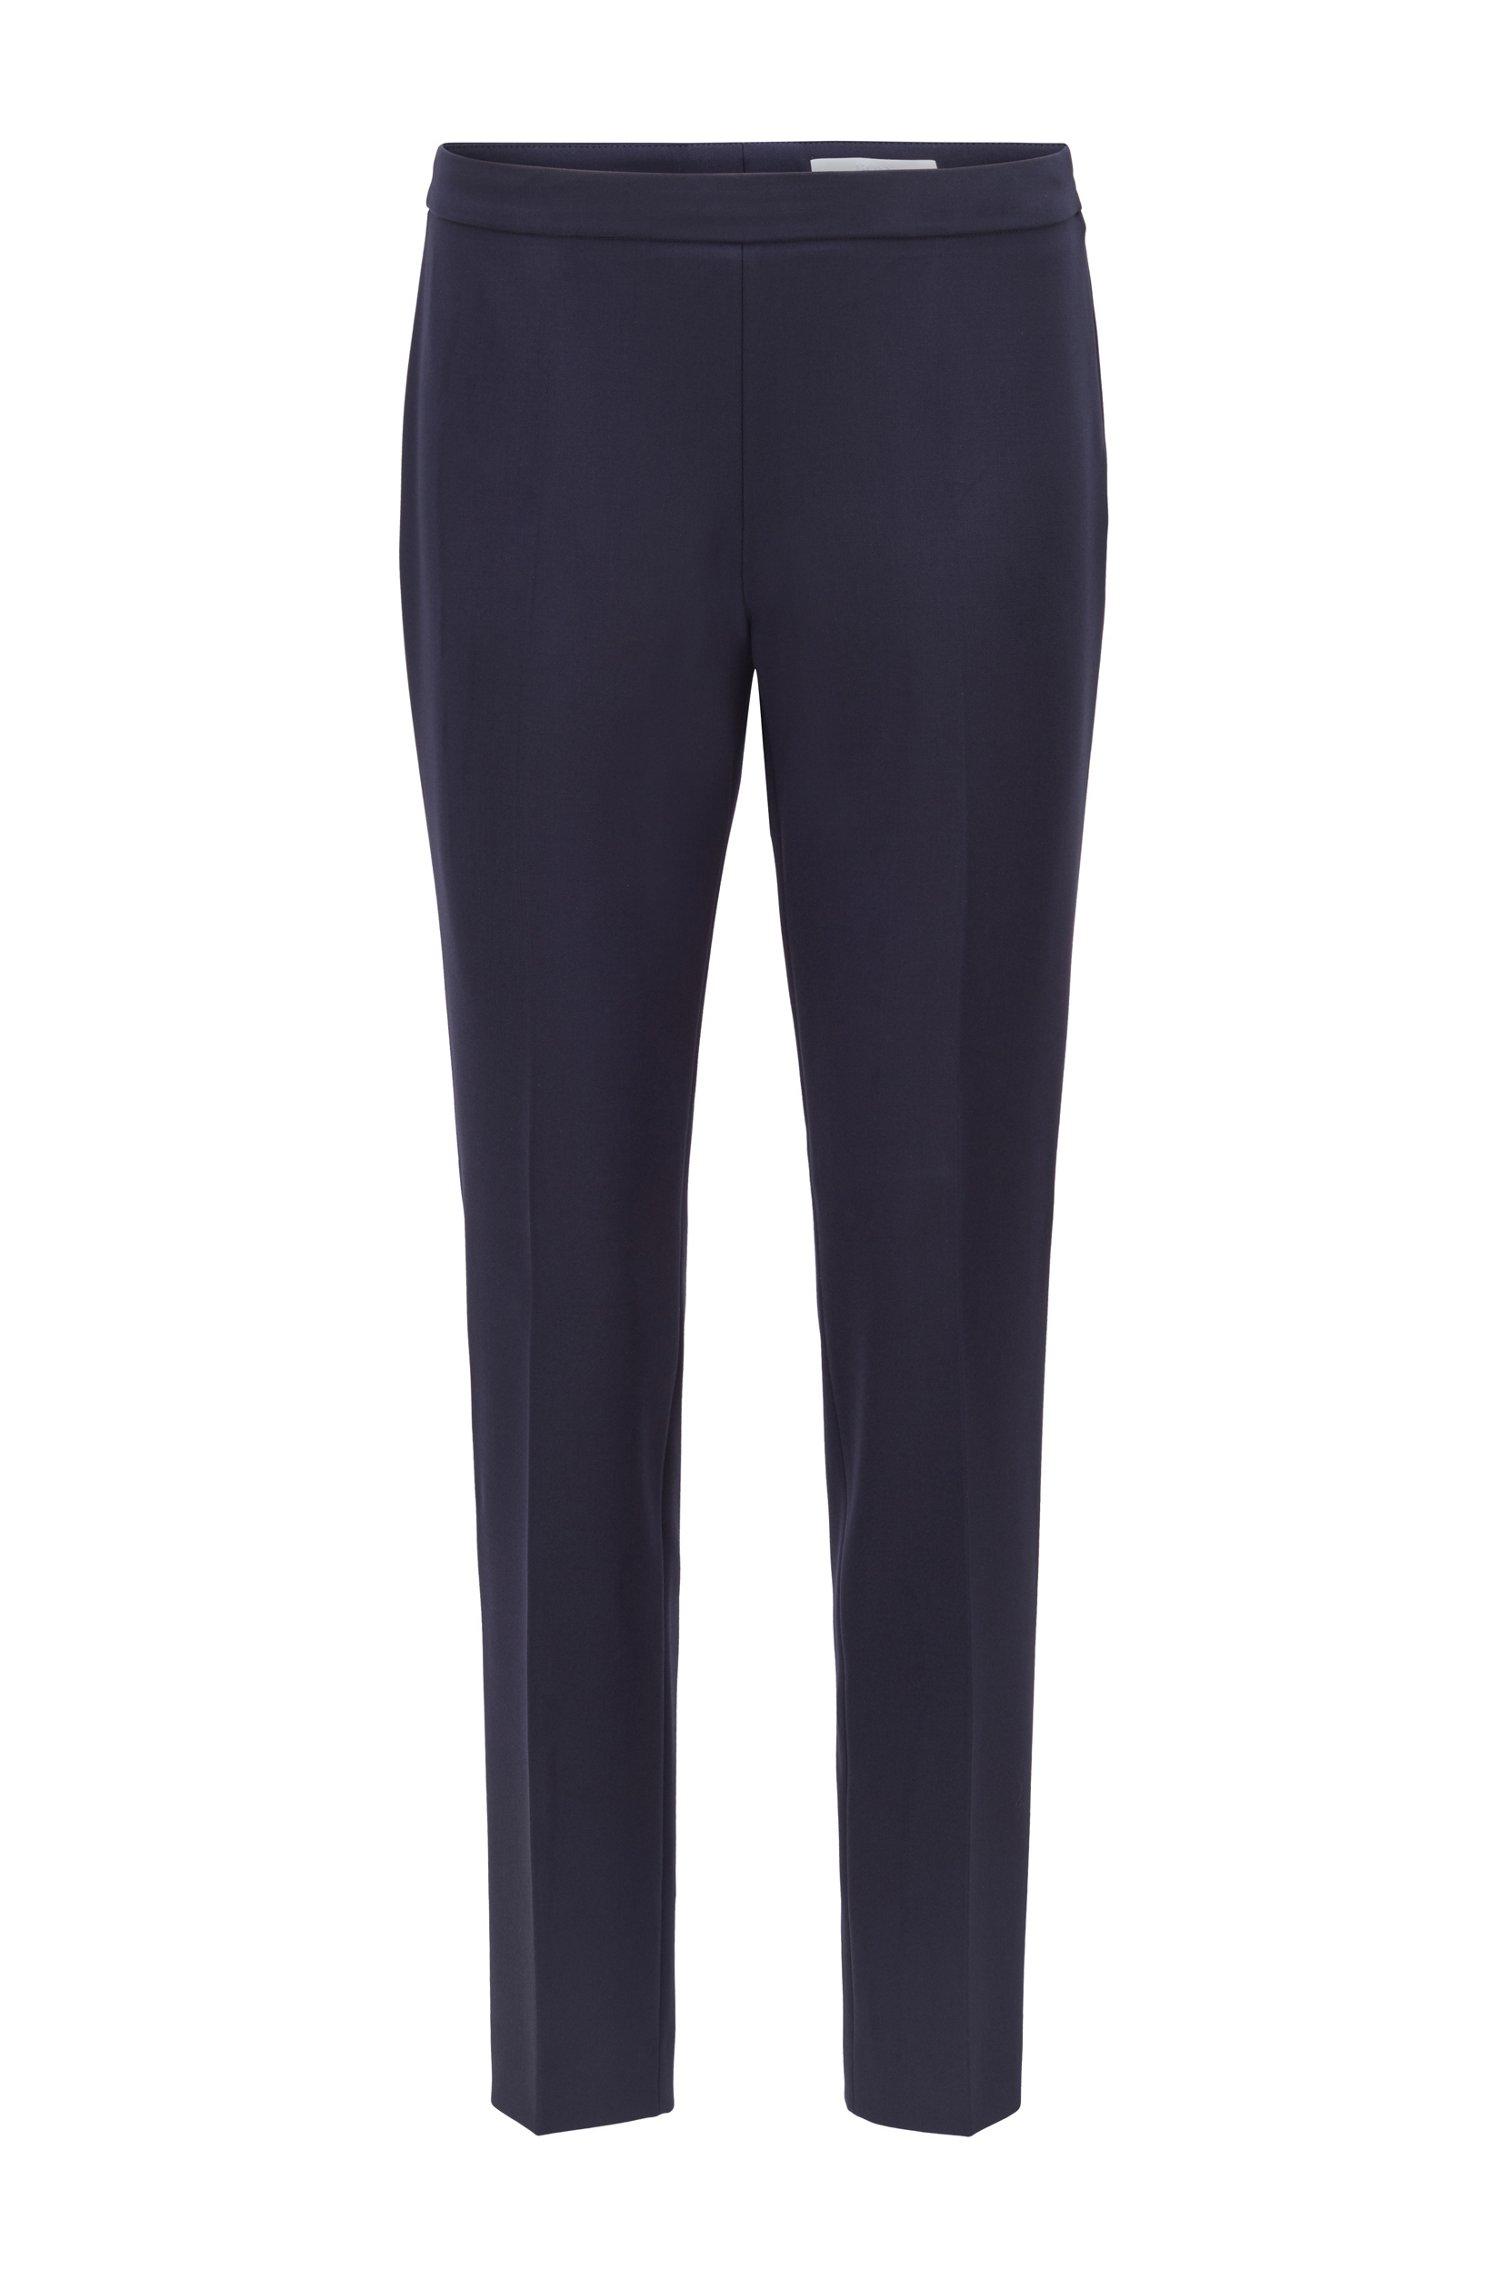 Slim-leg cropped trousers in Portuguese stretch fabric, Dark Blue